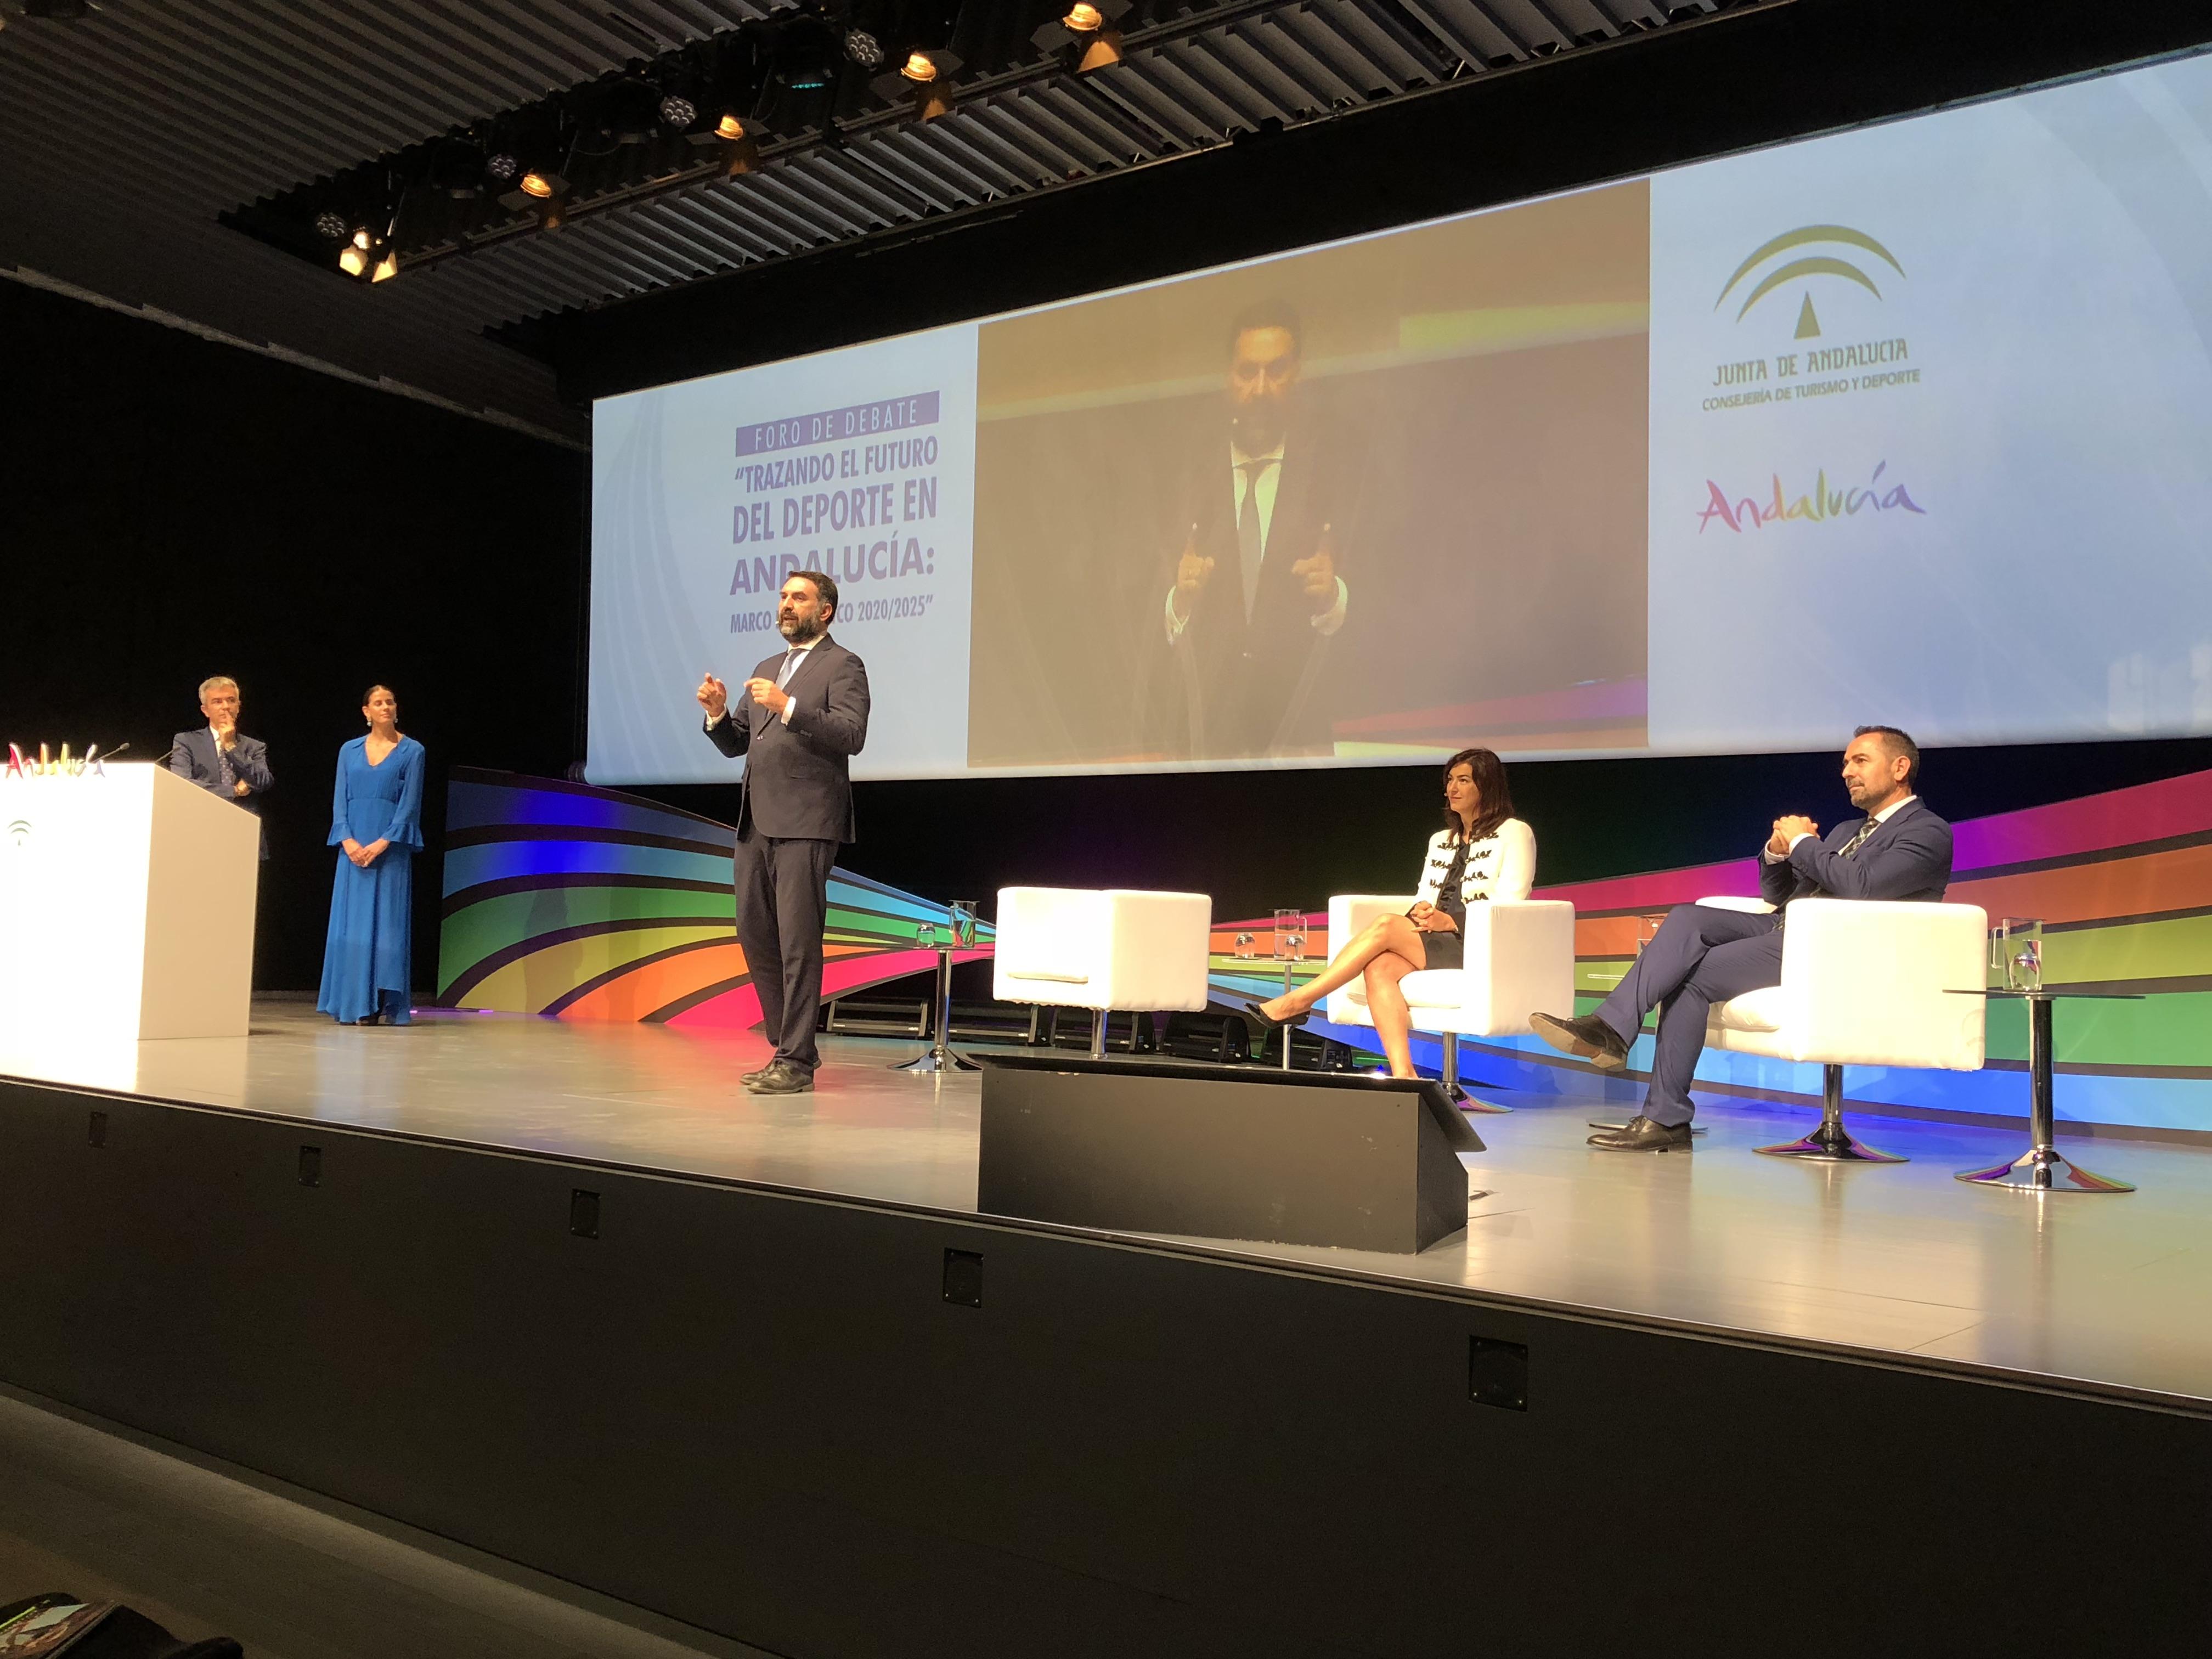 Fernández inauguró un encuentro que reúne a más de 300 personas de personas entre profesionales, expertos y representantes institucionales